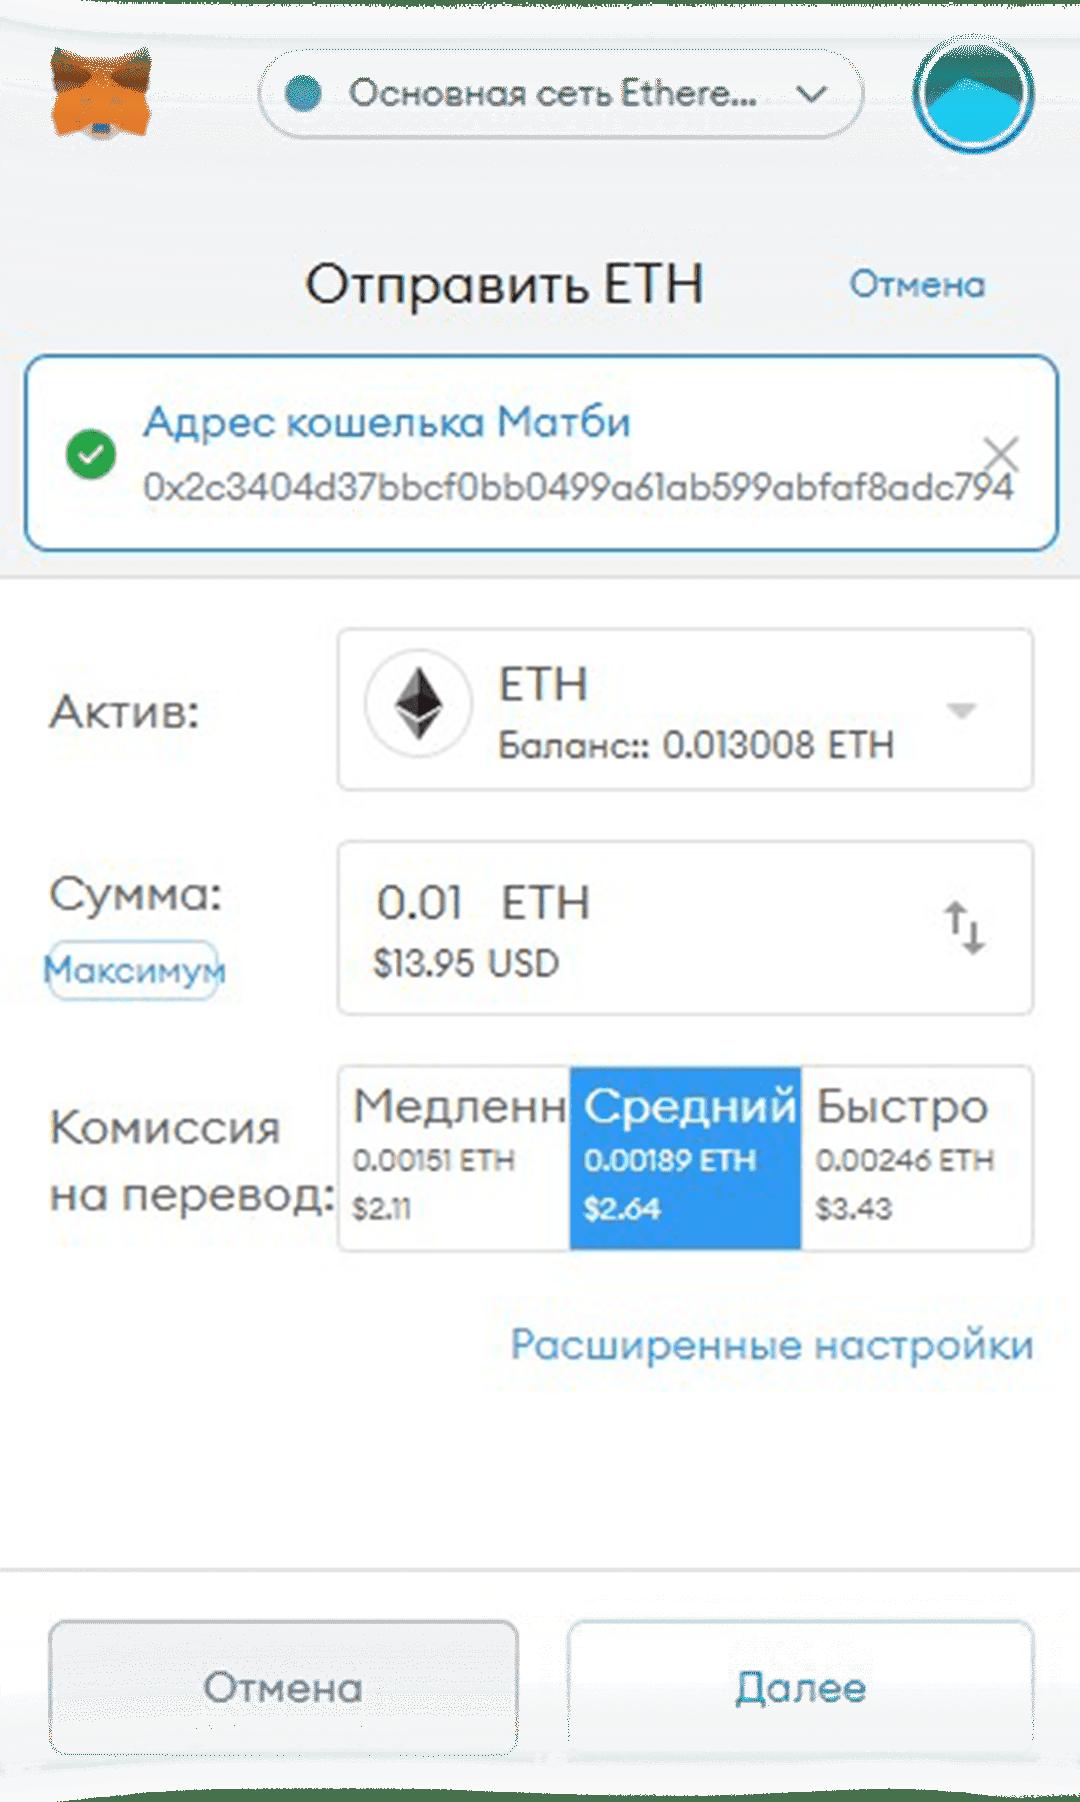 Как перевести Ethereum и сэкономить на комиссии